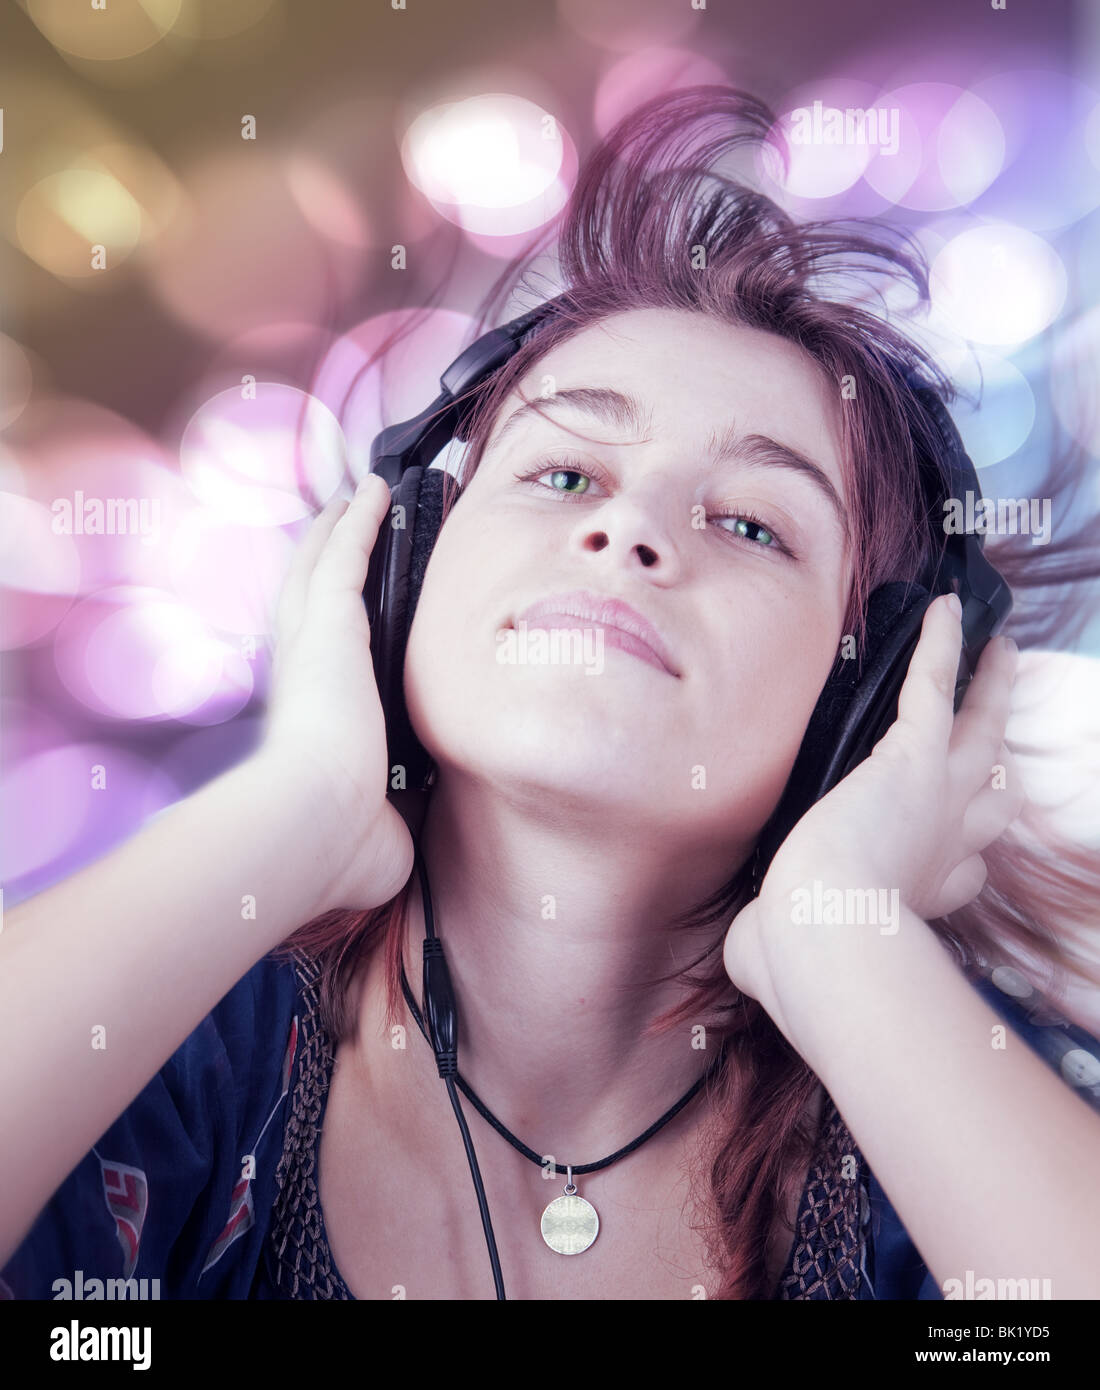 Active adolescente mujer escuchando música moderna Imagen De Stock